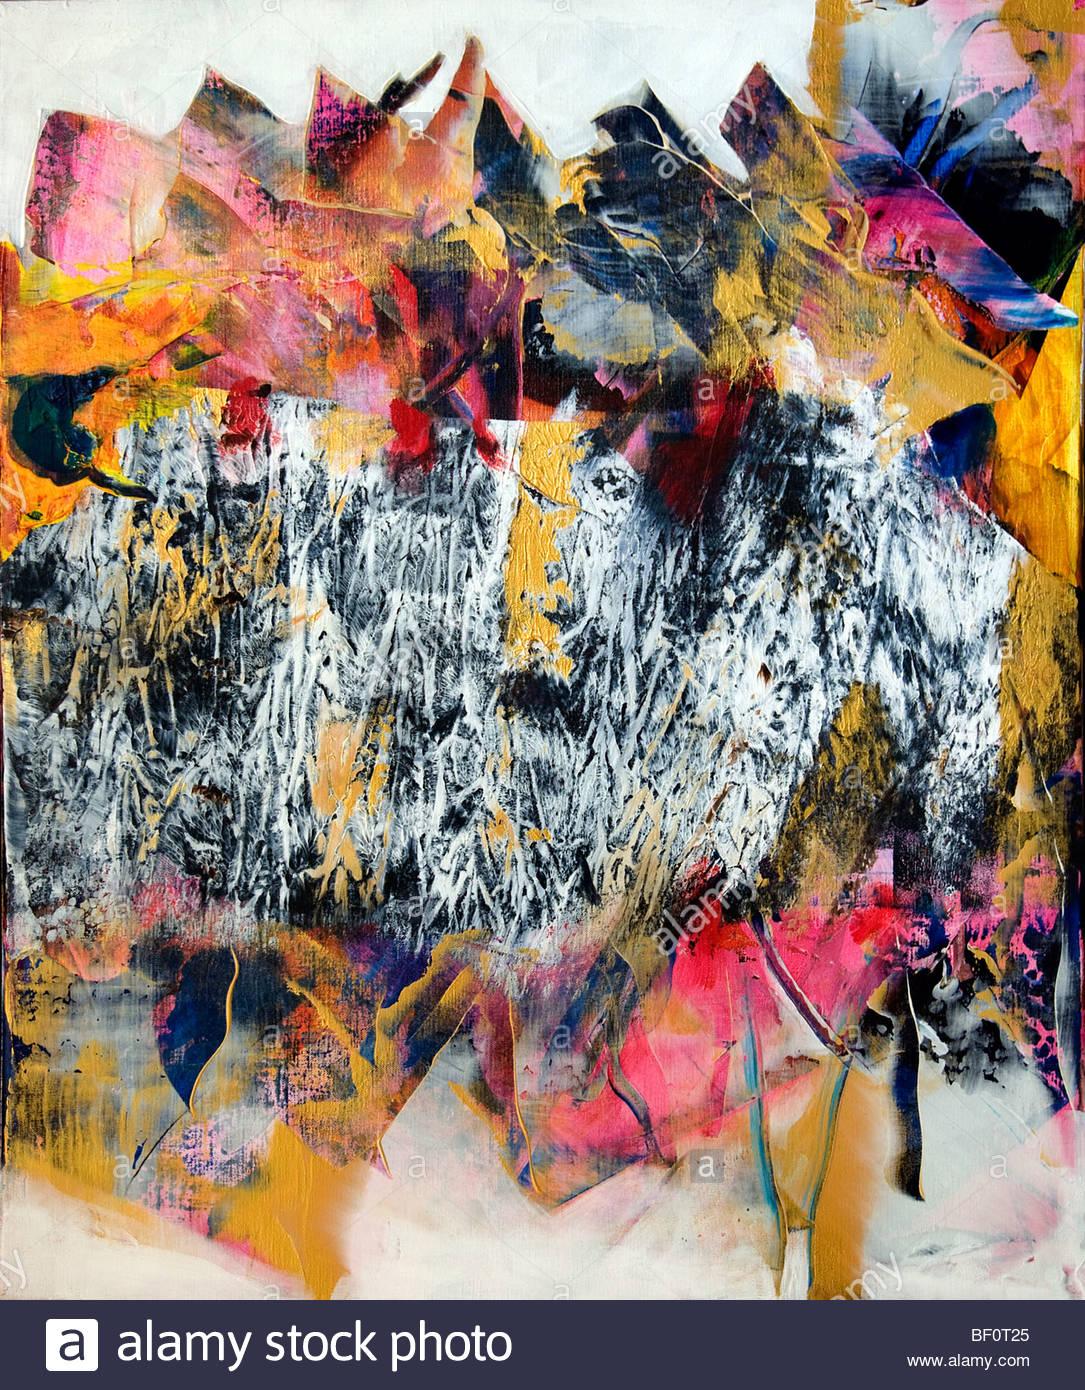 Goede Painter Willem van Scheijndel 1952 Netherlands modern art abstract AP-12